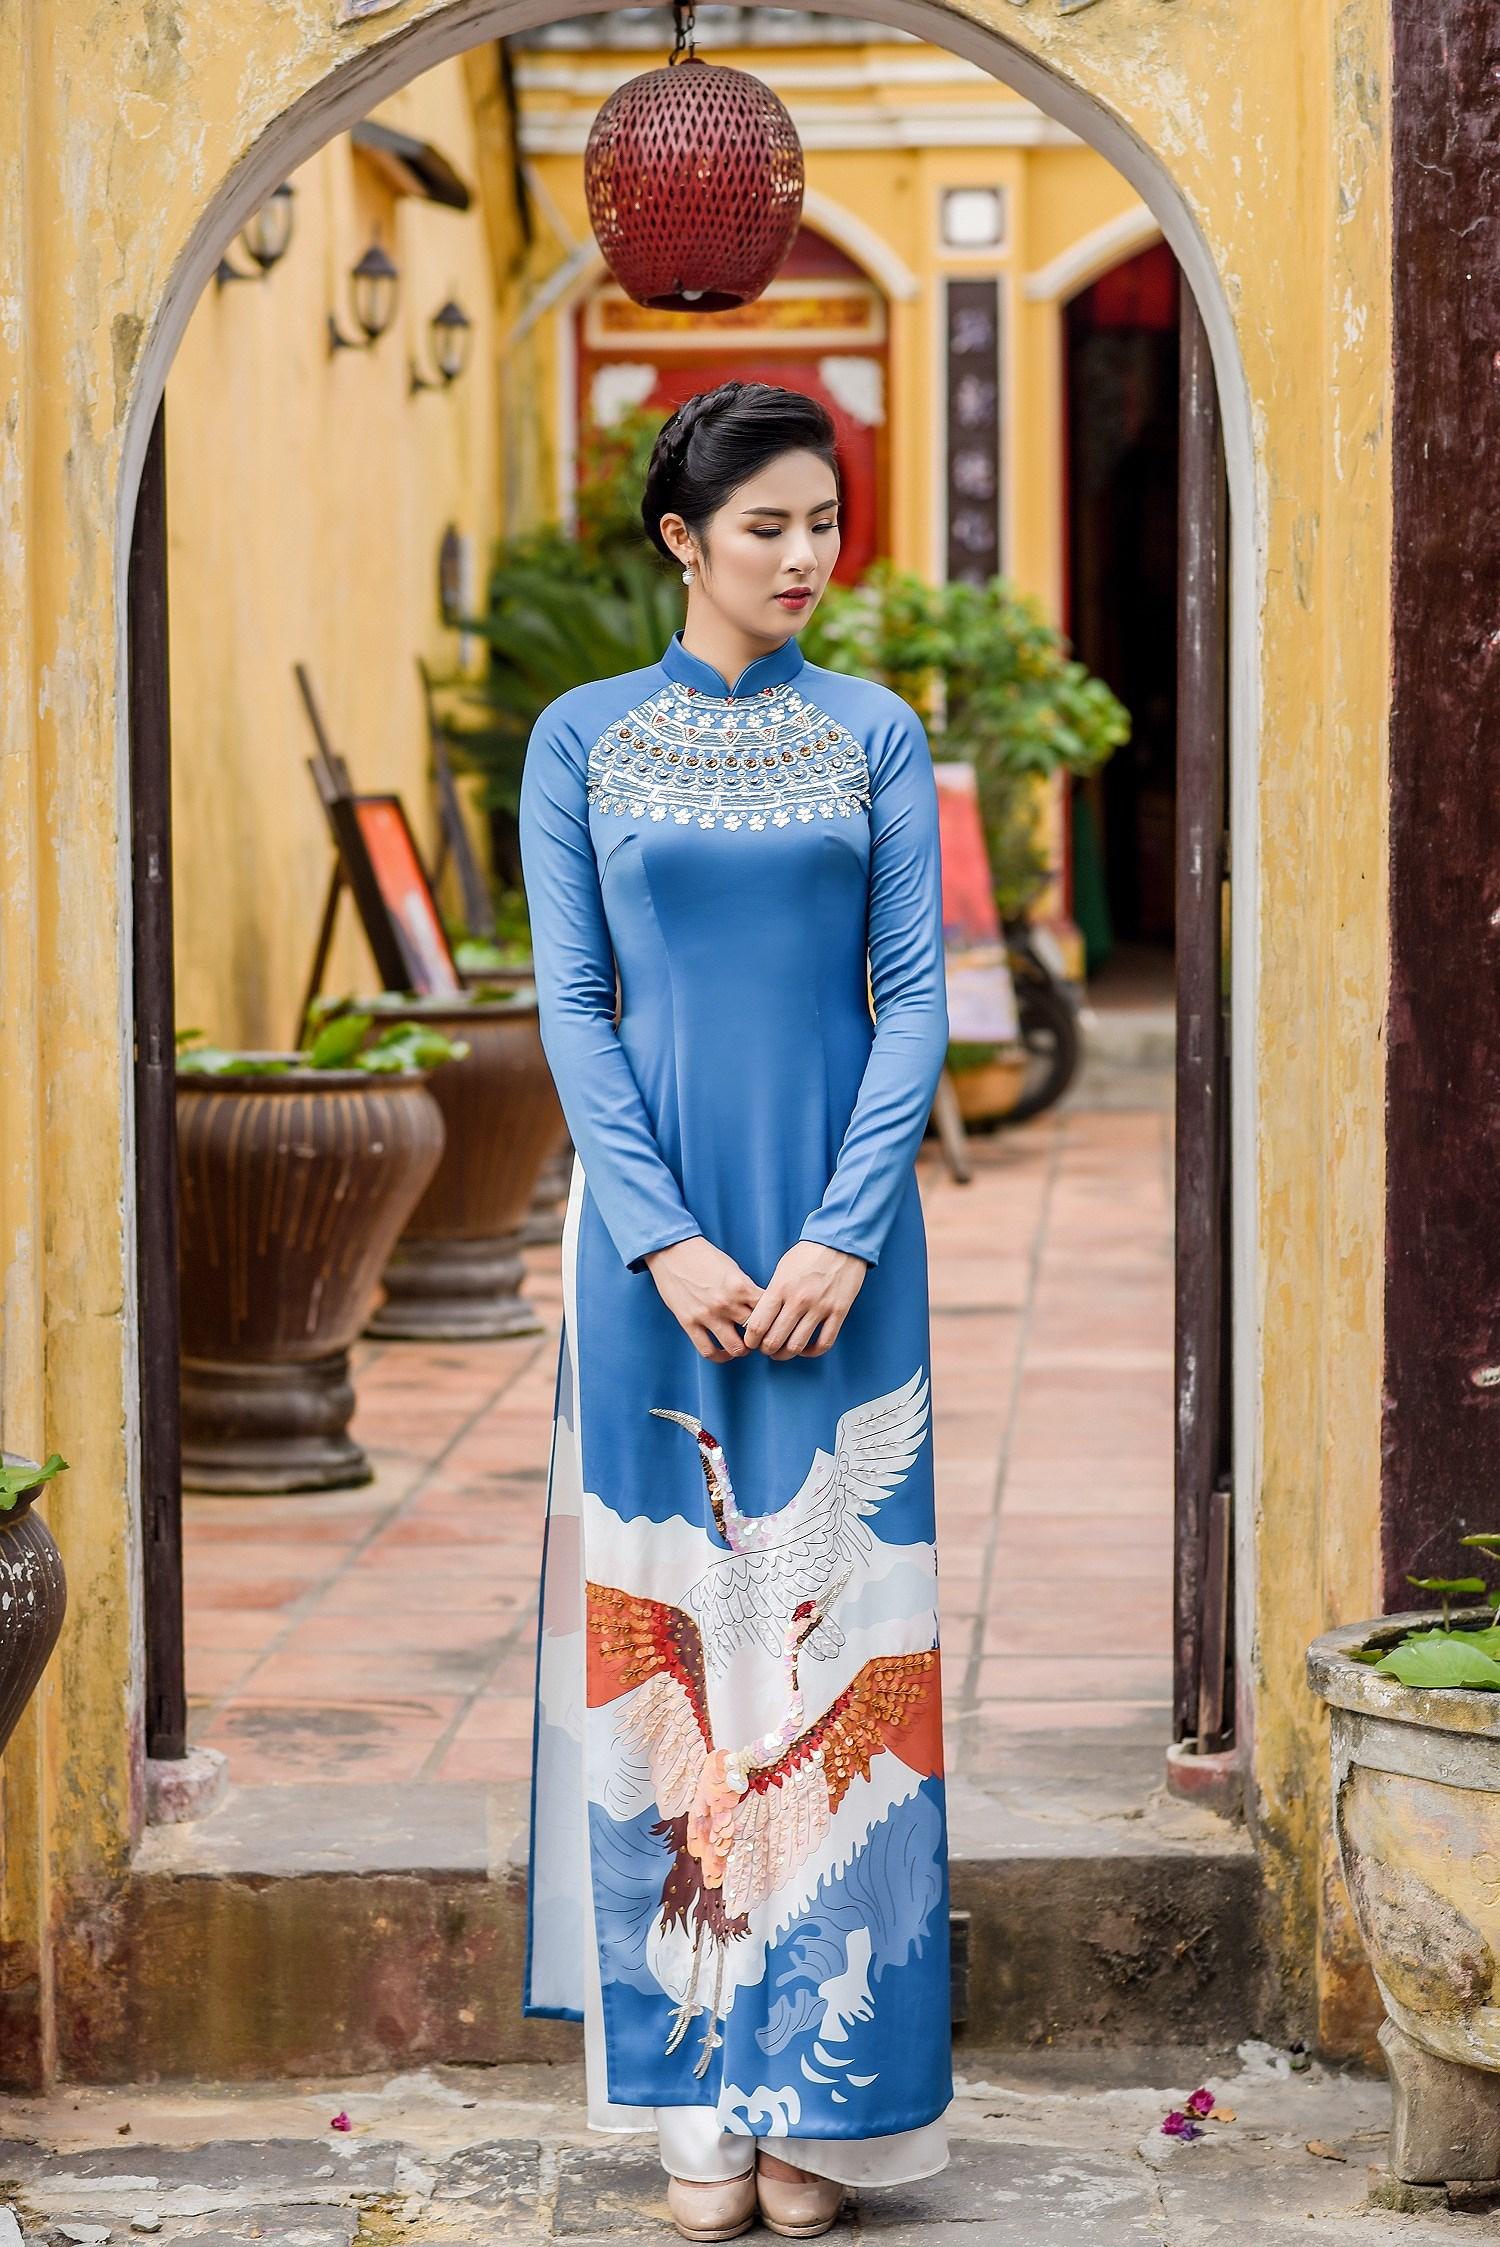 Hoa hậu Ngọc Hân thiết kế áo dài lấy cảm hứng từ cuộc đời Đức Phật Thích Ca Ảnh 8